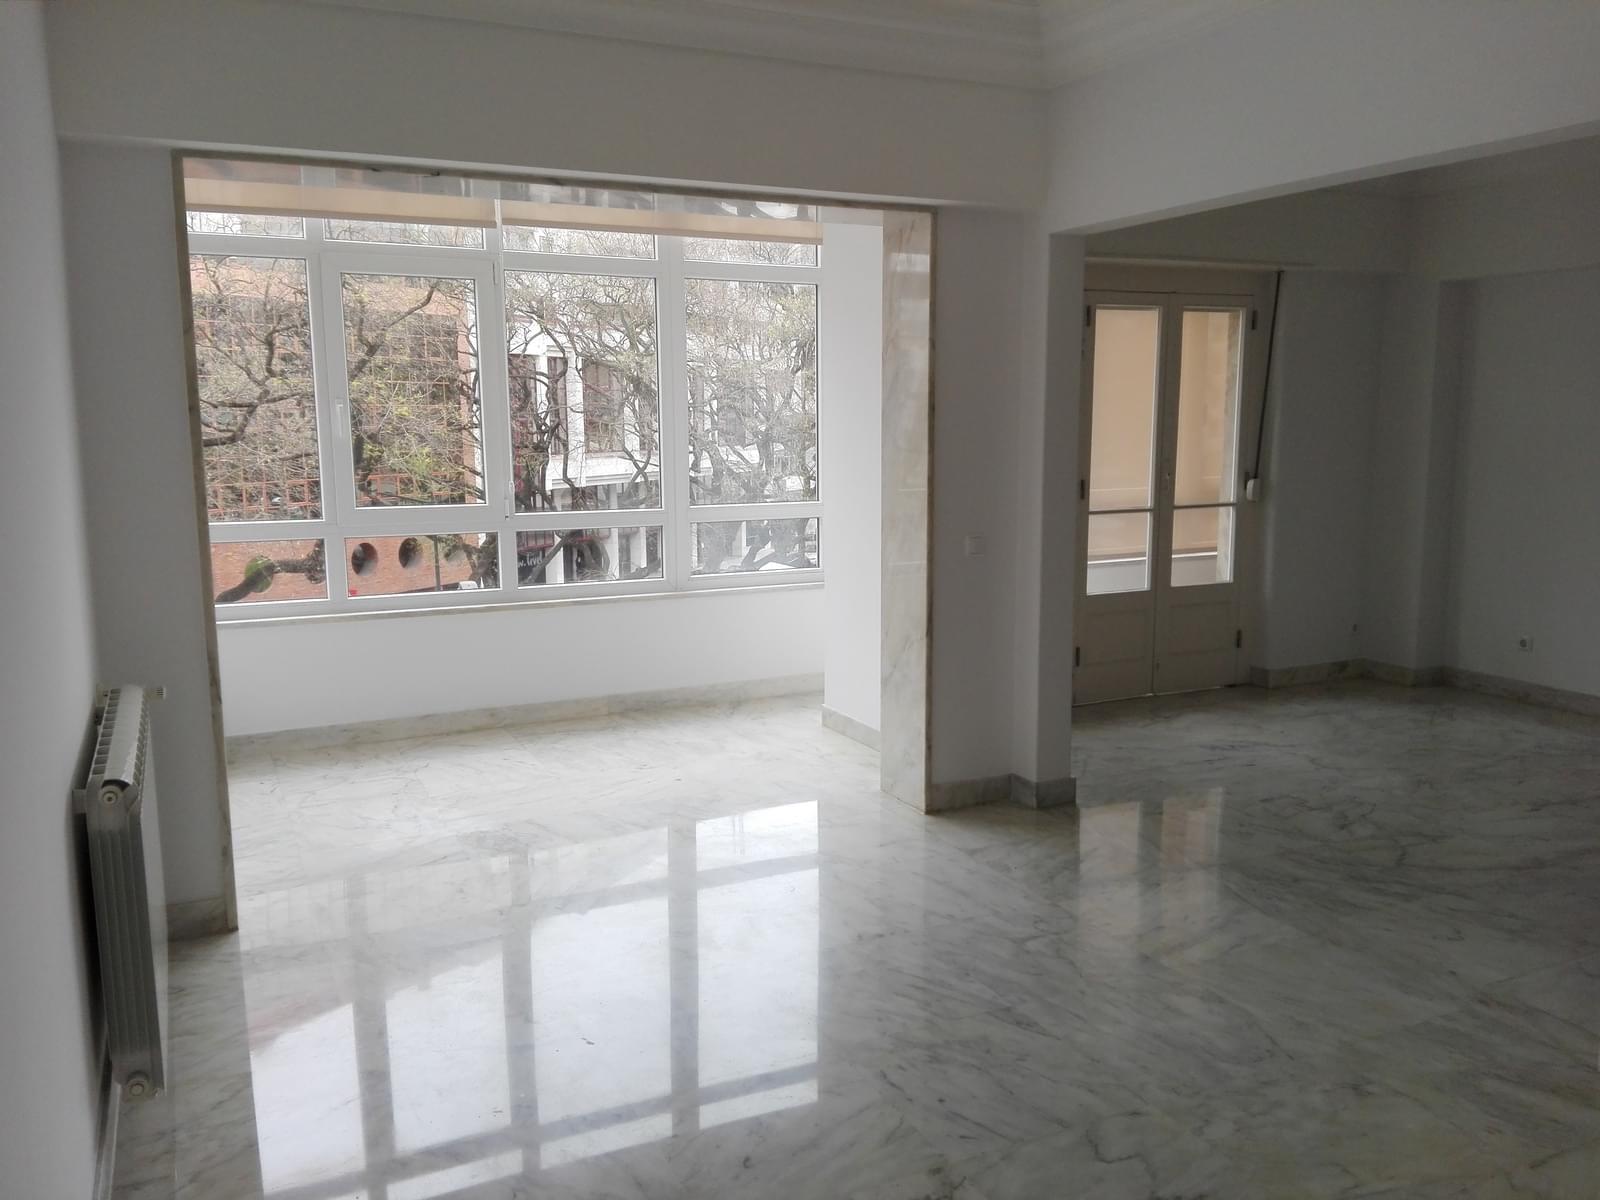 pf17056-apartamento-t4-1-lisboa-6ca180c2-3bd6-4430-be7d-b1123fa6a064